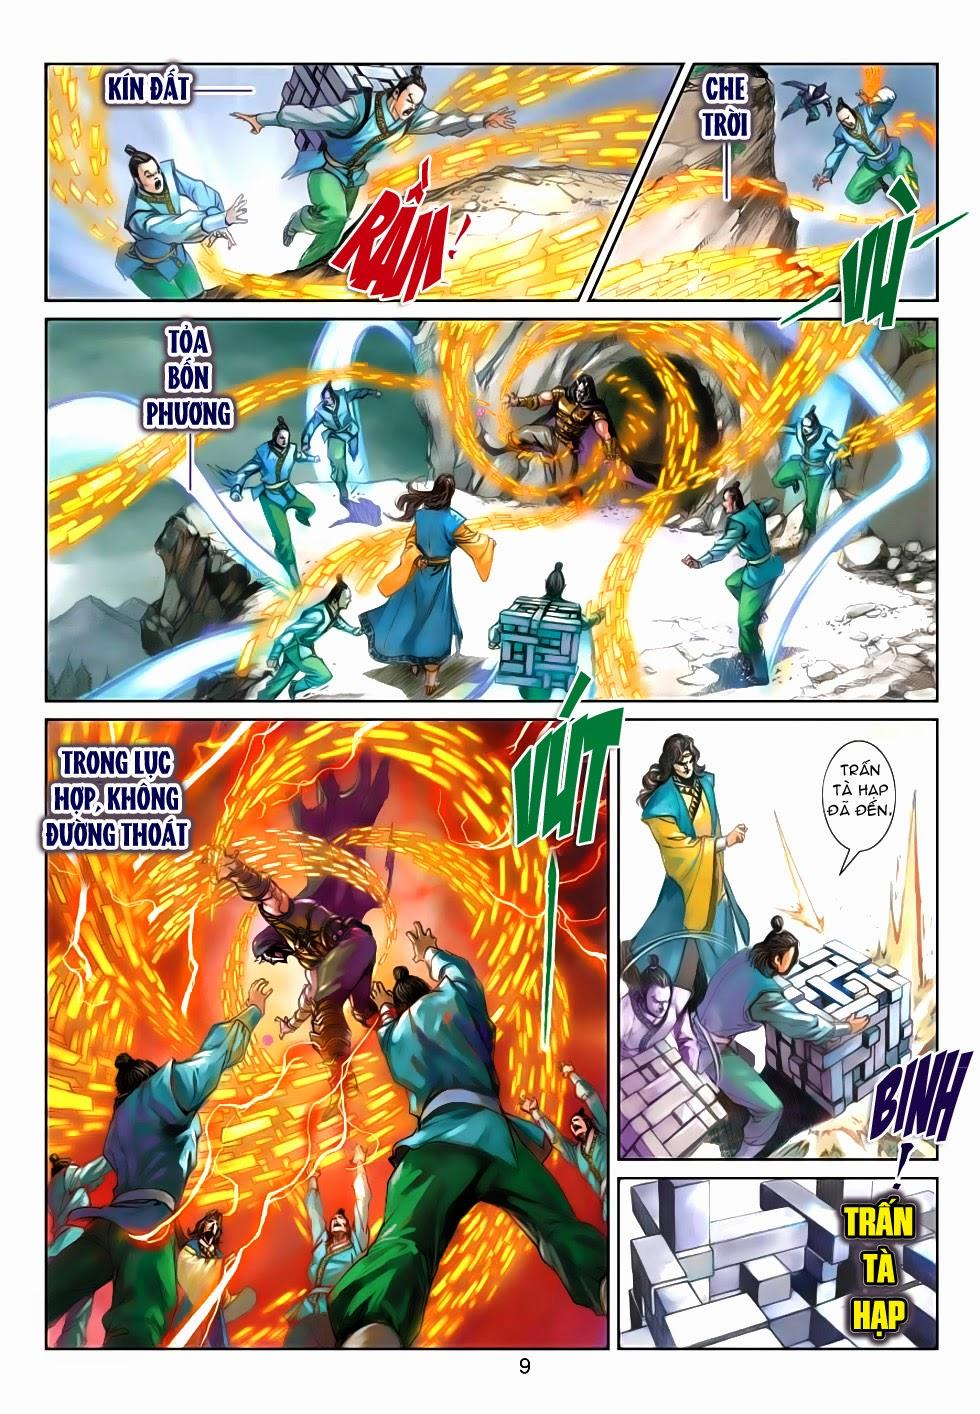 Thần Binh Tiền Truyện 4 - Huyền Thiên Tà Đế chap 5 - Trang 9